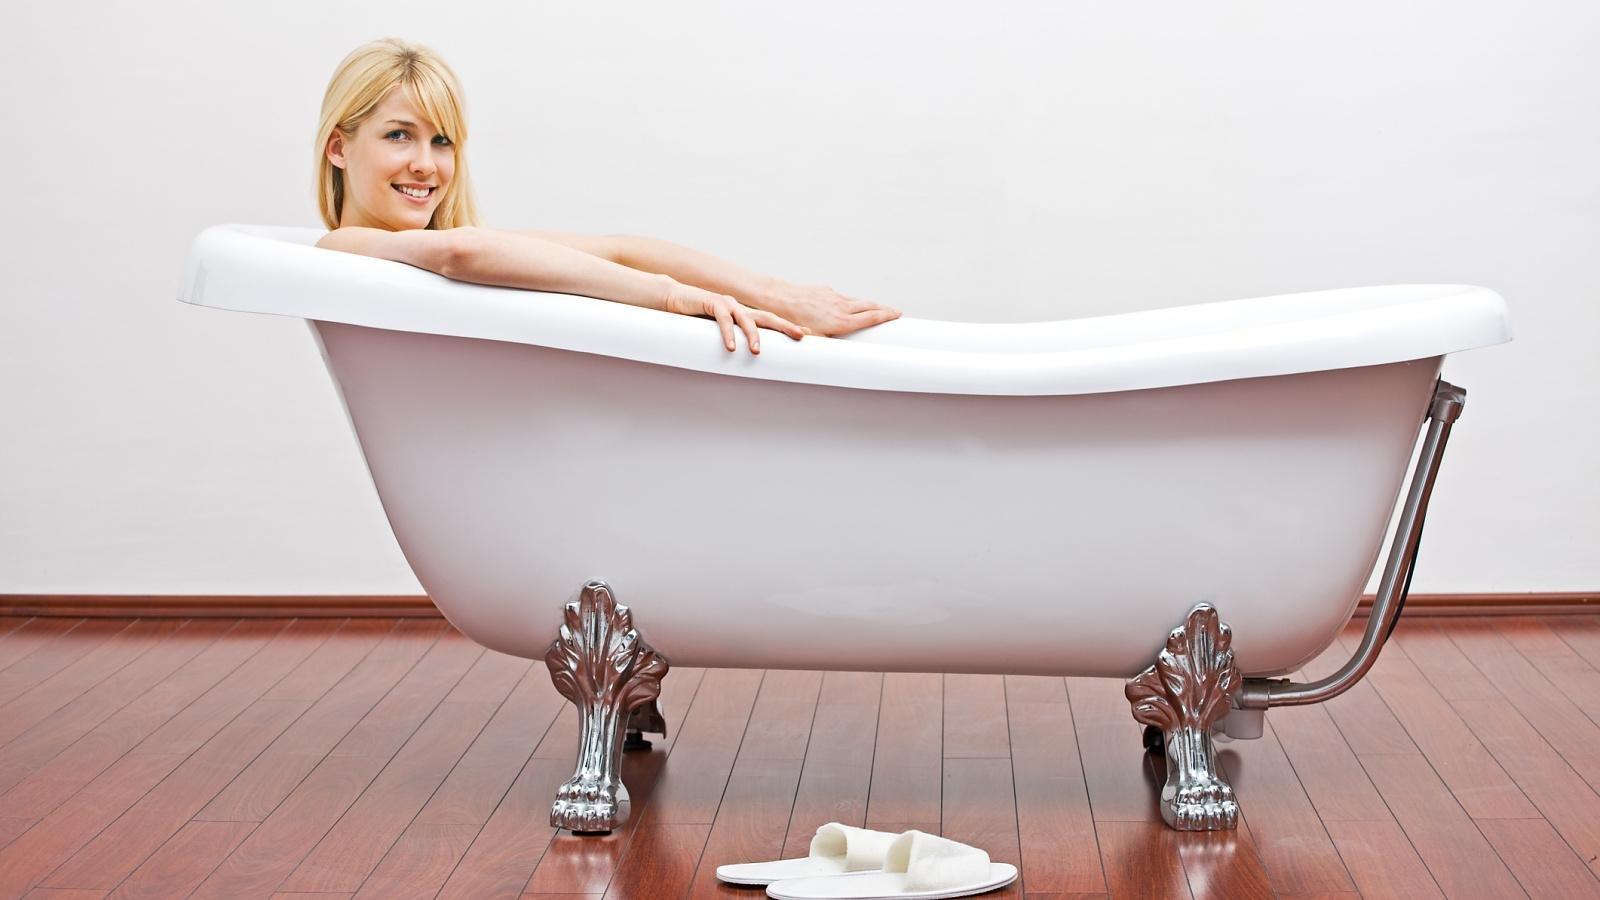 Как выбрать акриловую ванну: советы экспертов – какие изделия лучше по качеству